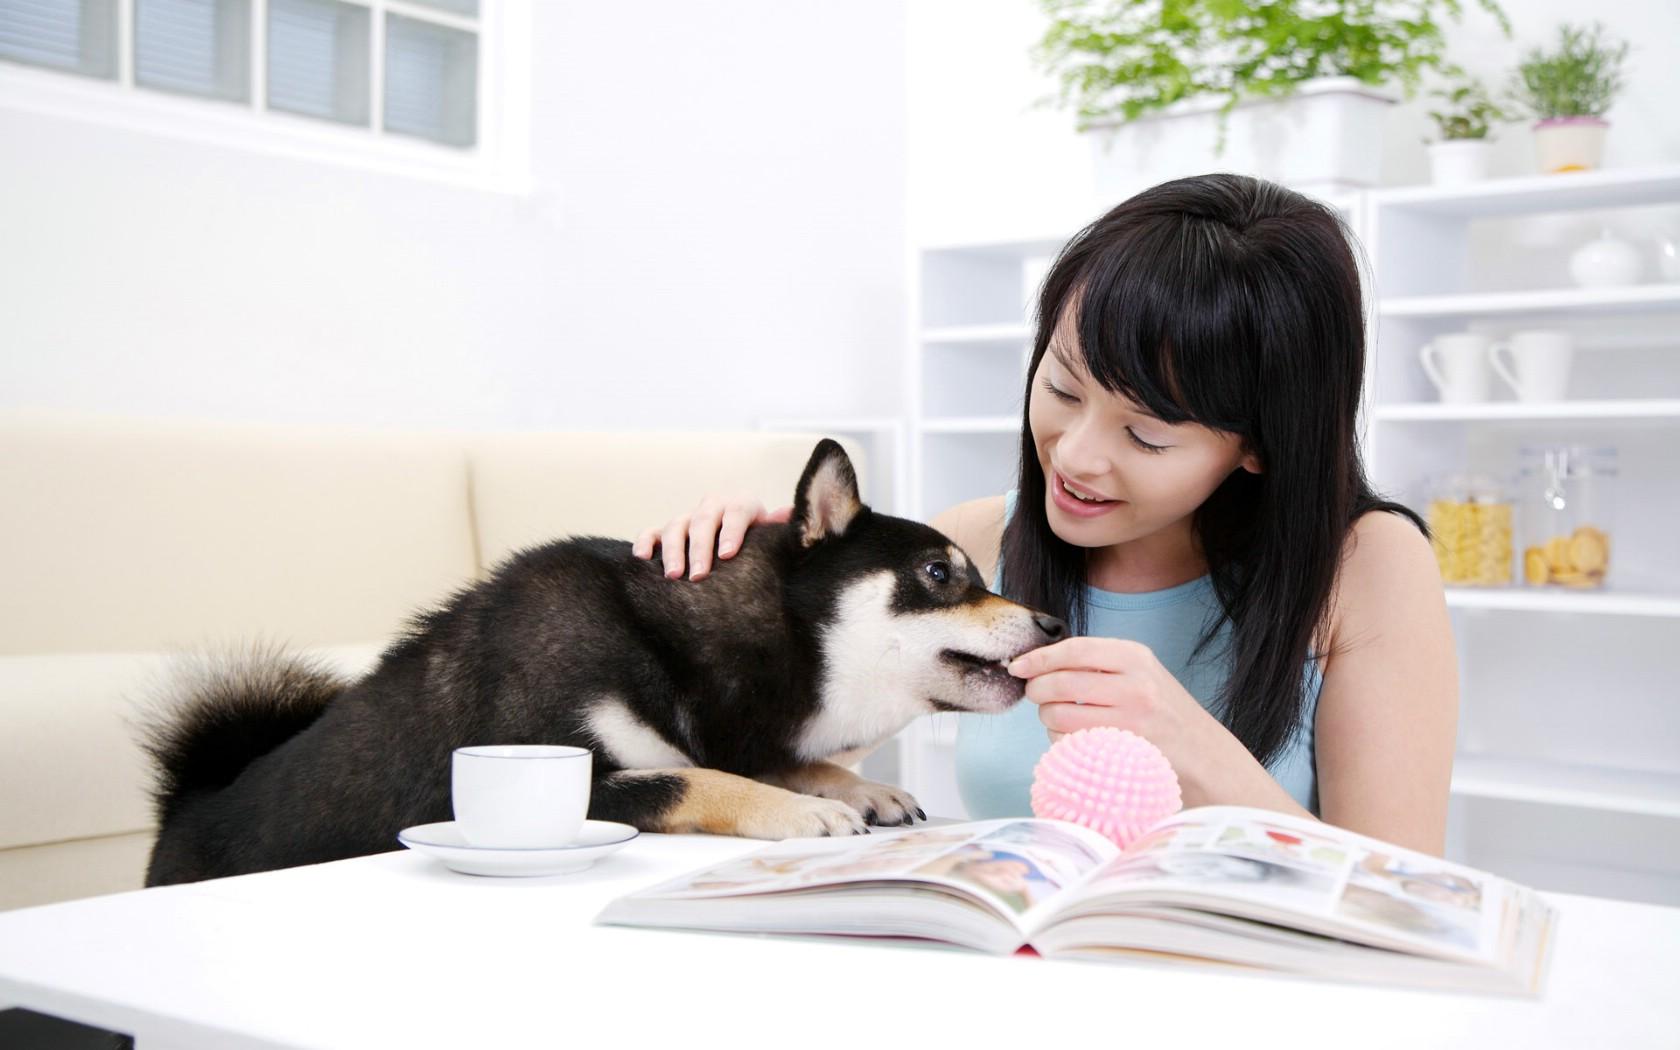 壁纸1680×1050美女与宠物壁纸壁纸 美女与宠物壁纸壁纸图片其他壁纸其他图片素材桌面壁纸